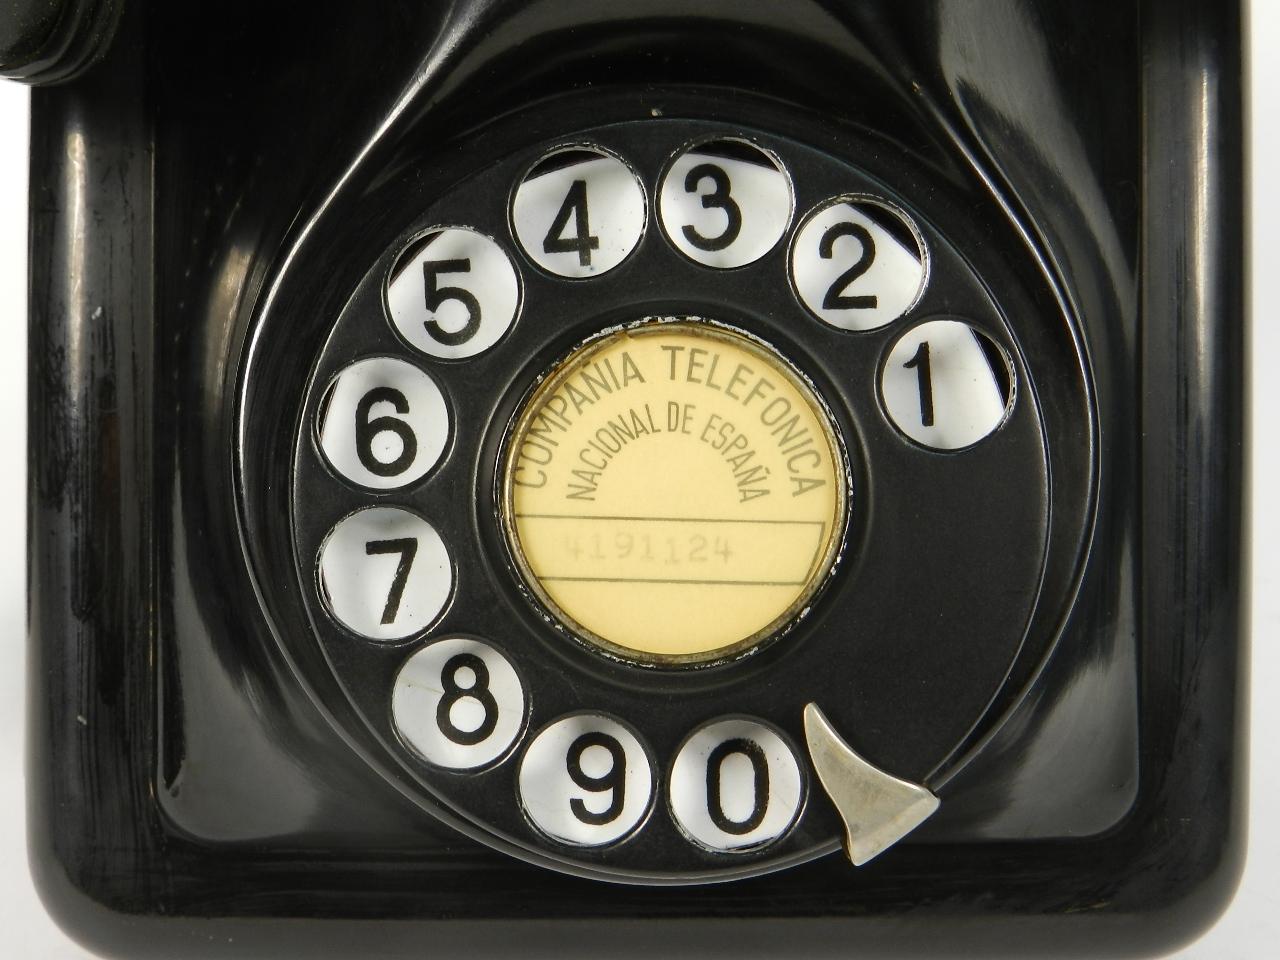 Imagen TELEFONO DE PARED 2713A AÑO 1940 41836